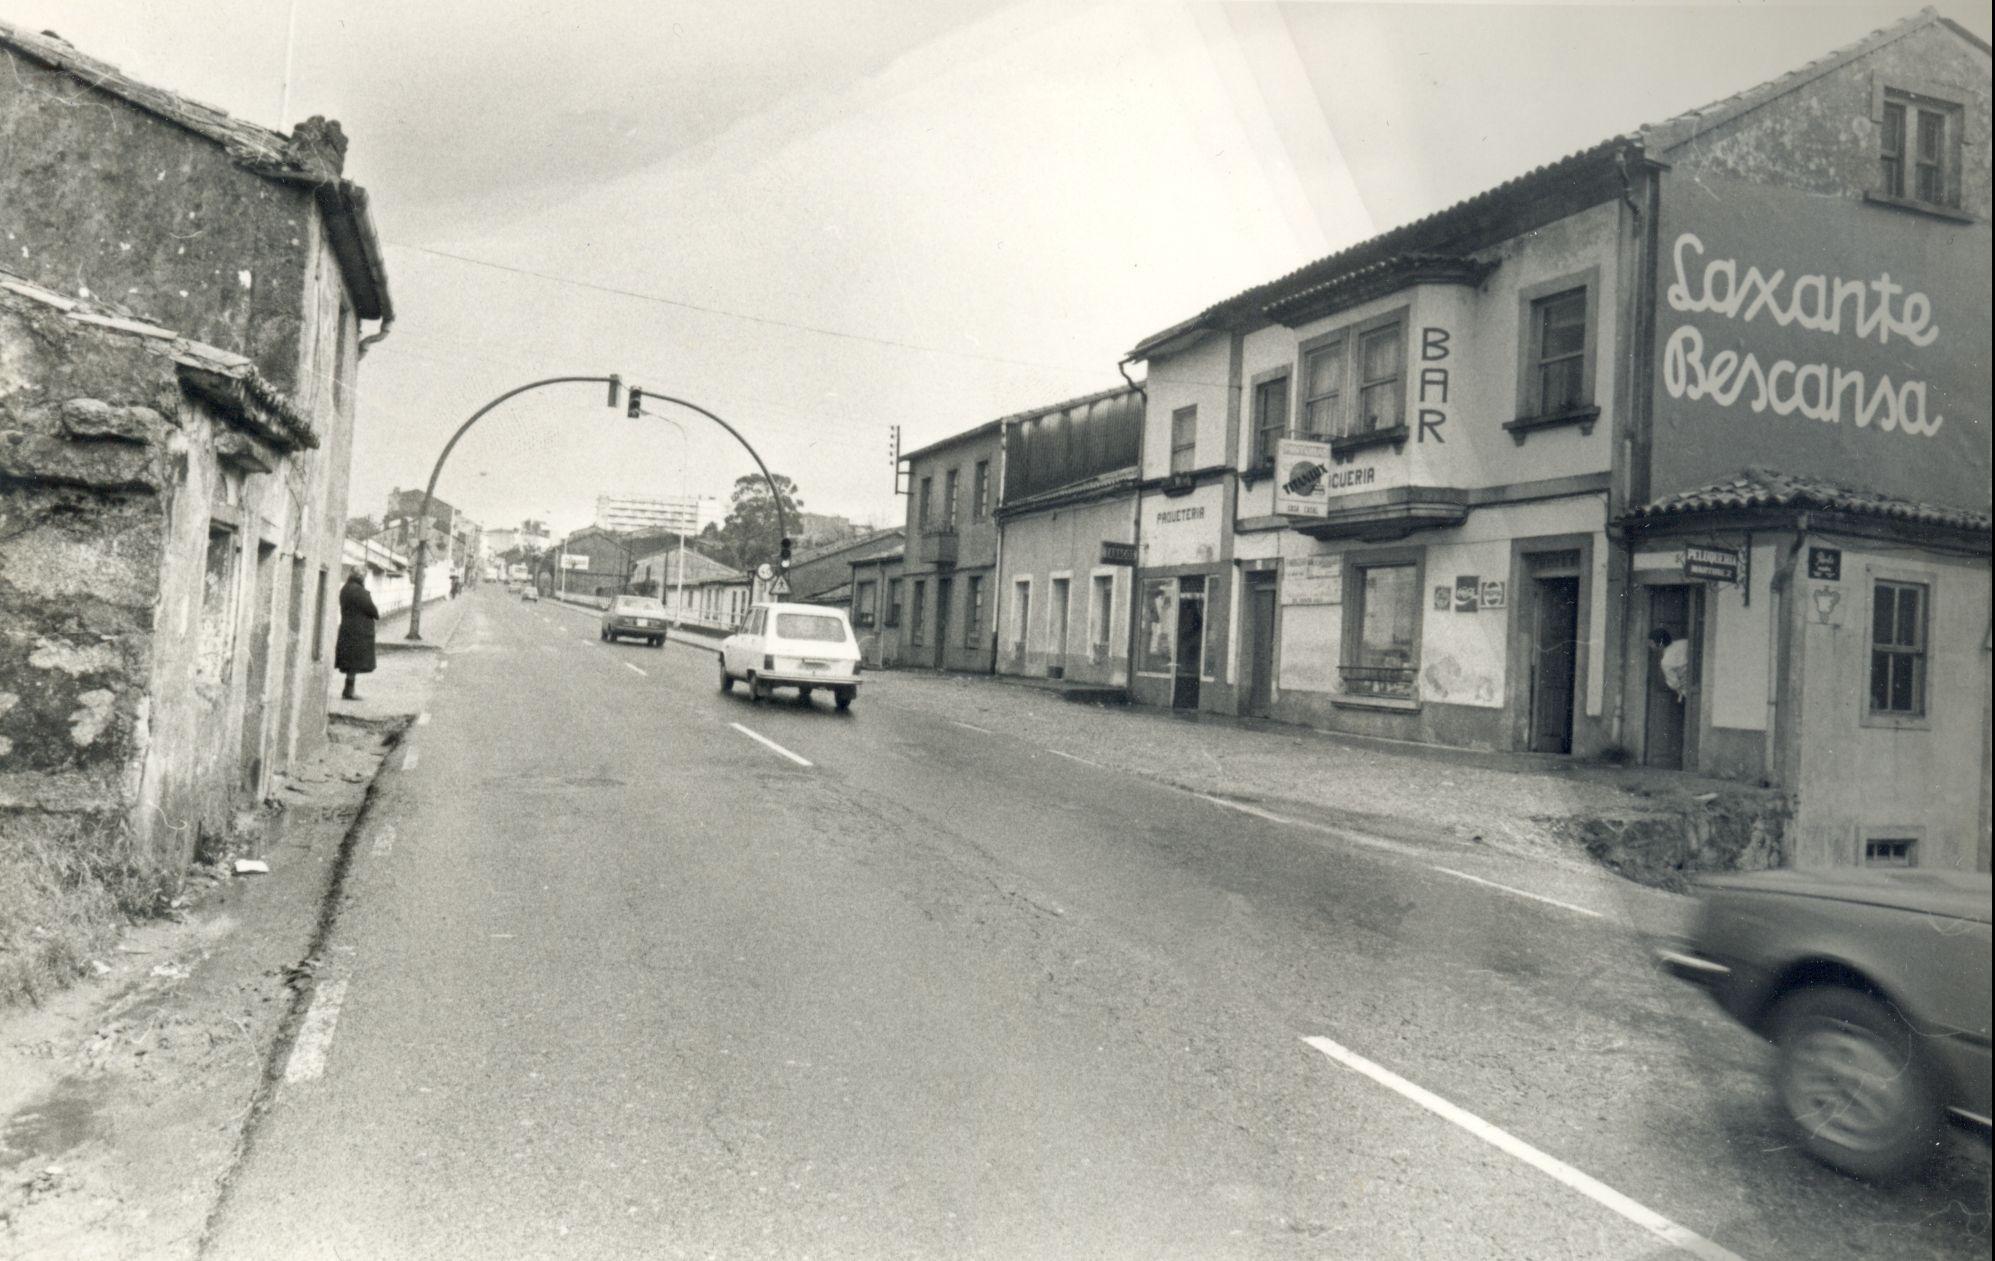 Las rúas Choupana y Volta do Castro soportaban la mayoría del tráfco que pasaba por la Choupana. - FOTO: MANOLO BLANCO